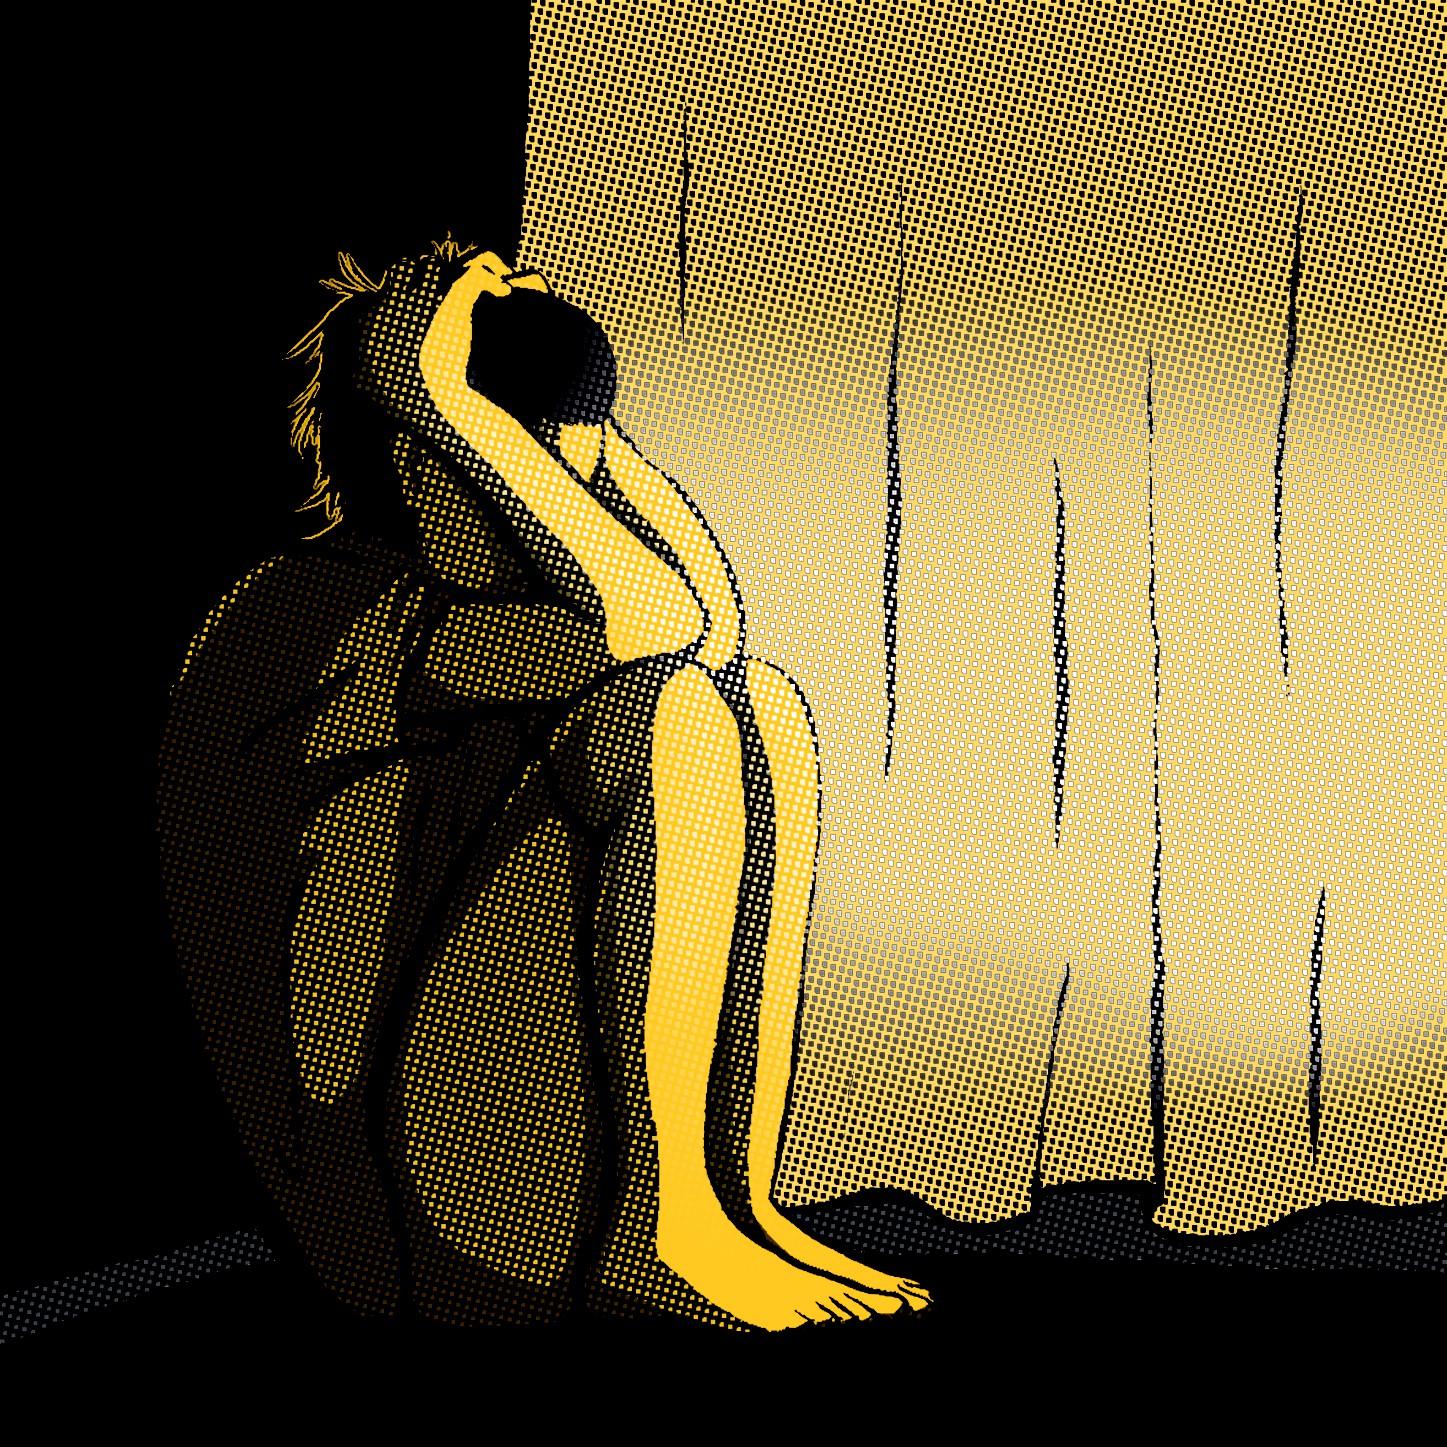 Nhà tù bên trong: hikikomori của Nhật Bản thiếu các mối quan hệ, không phải không gian vật lý - Ảnh 4.